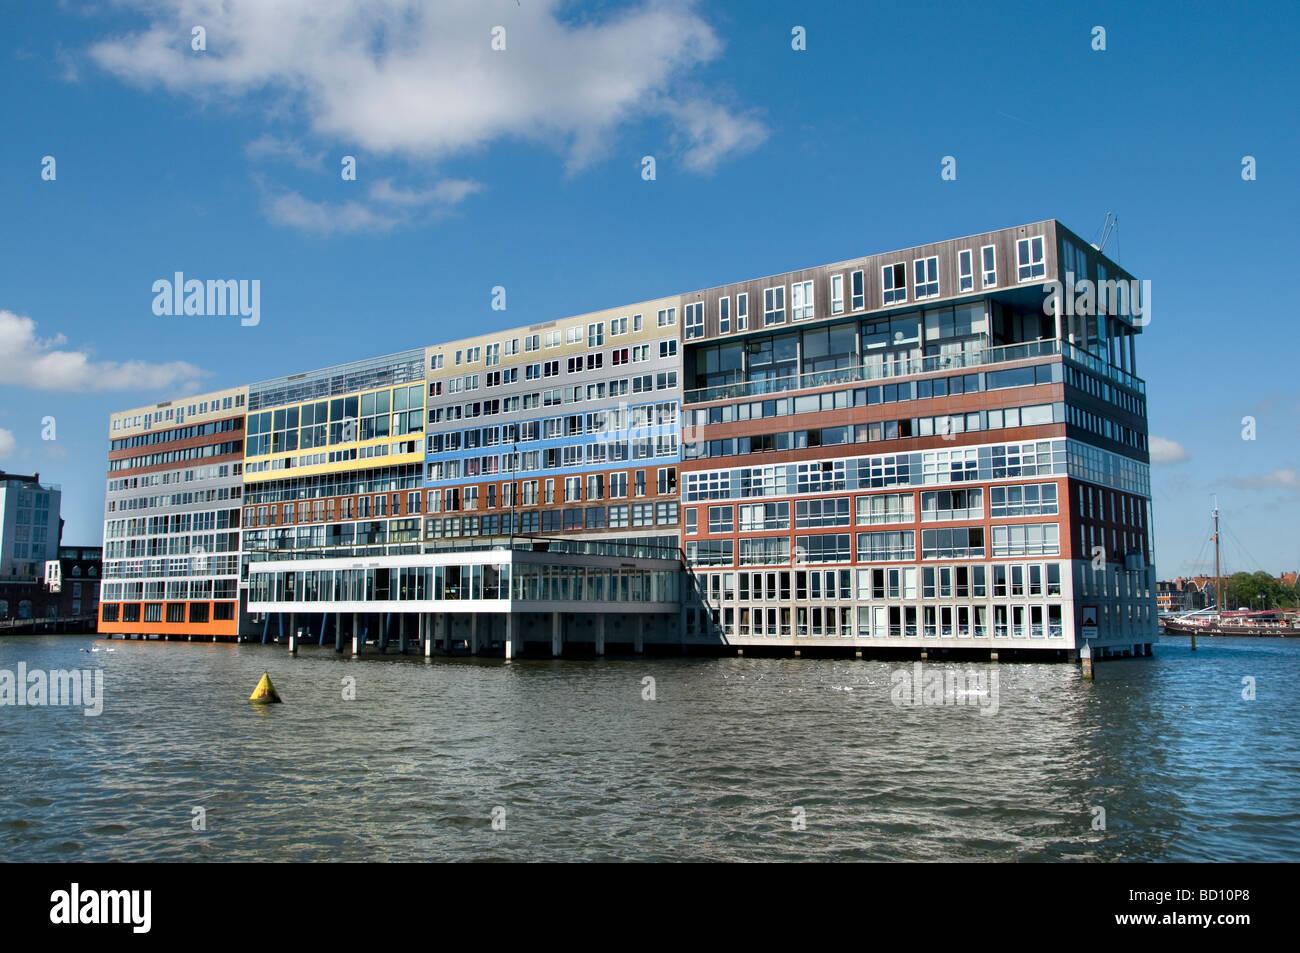 Apartments in amsterdam niederlande moderne architektur auf westerdoksdijkand zwischen oude - Architektur amsterdam ...